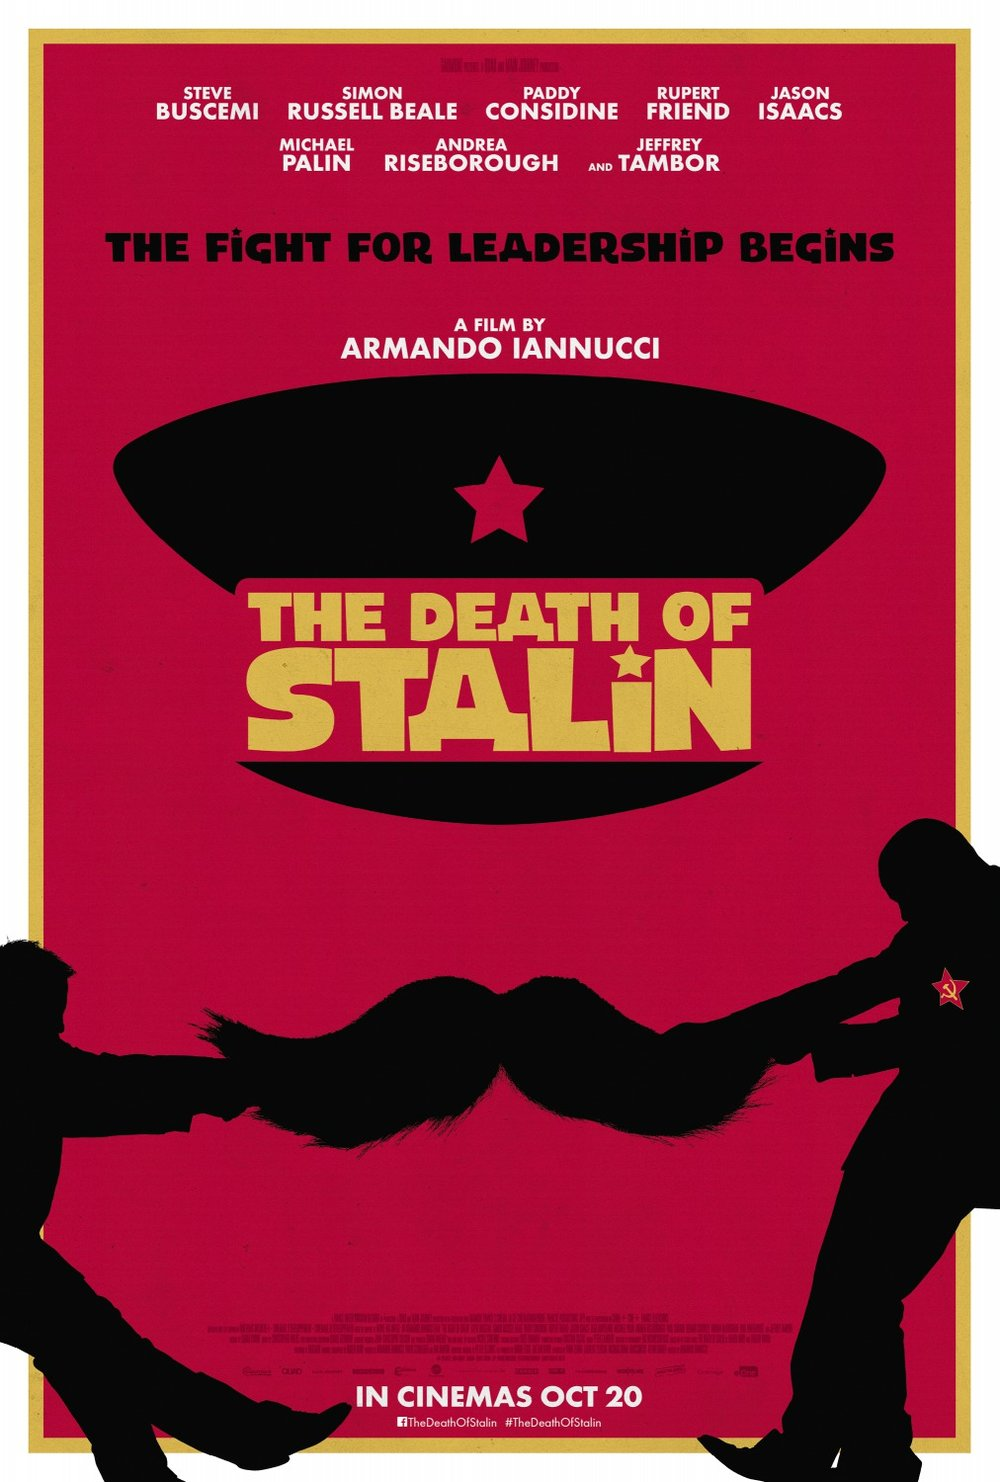 14. The Death of Stalin - dir. Armando Iannucci